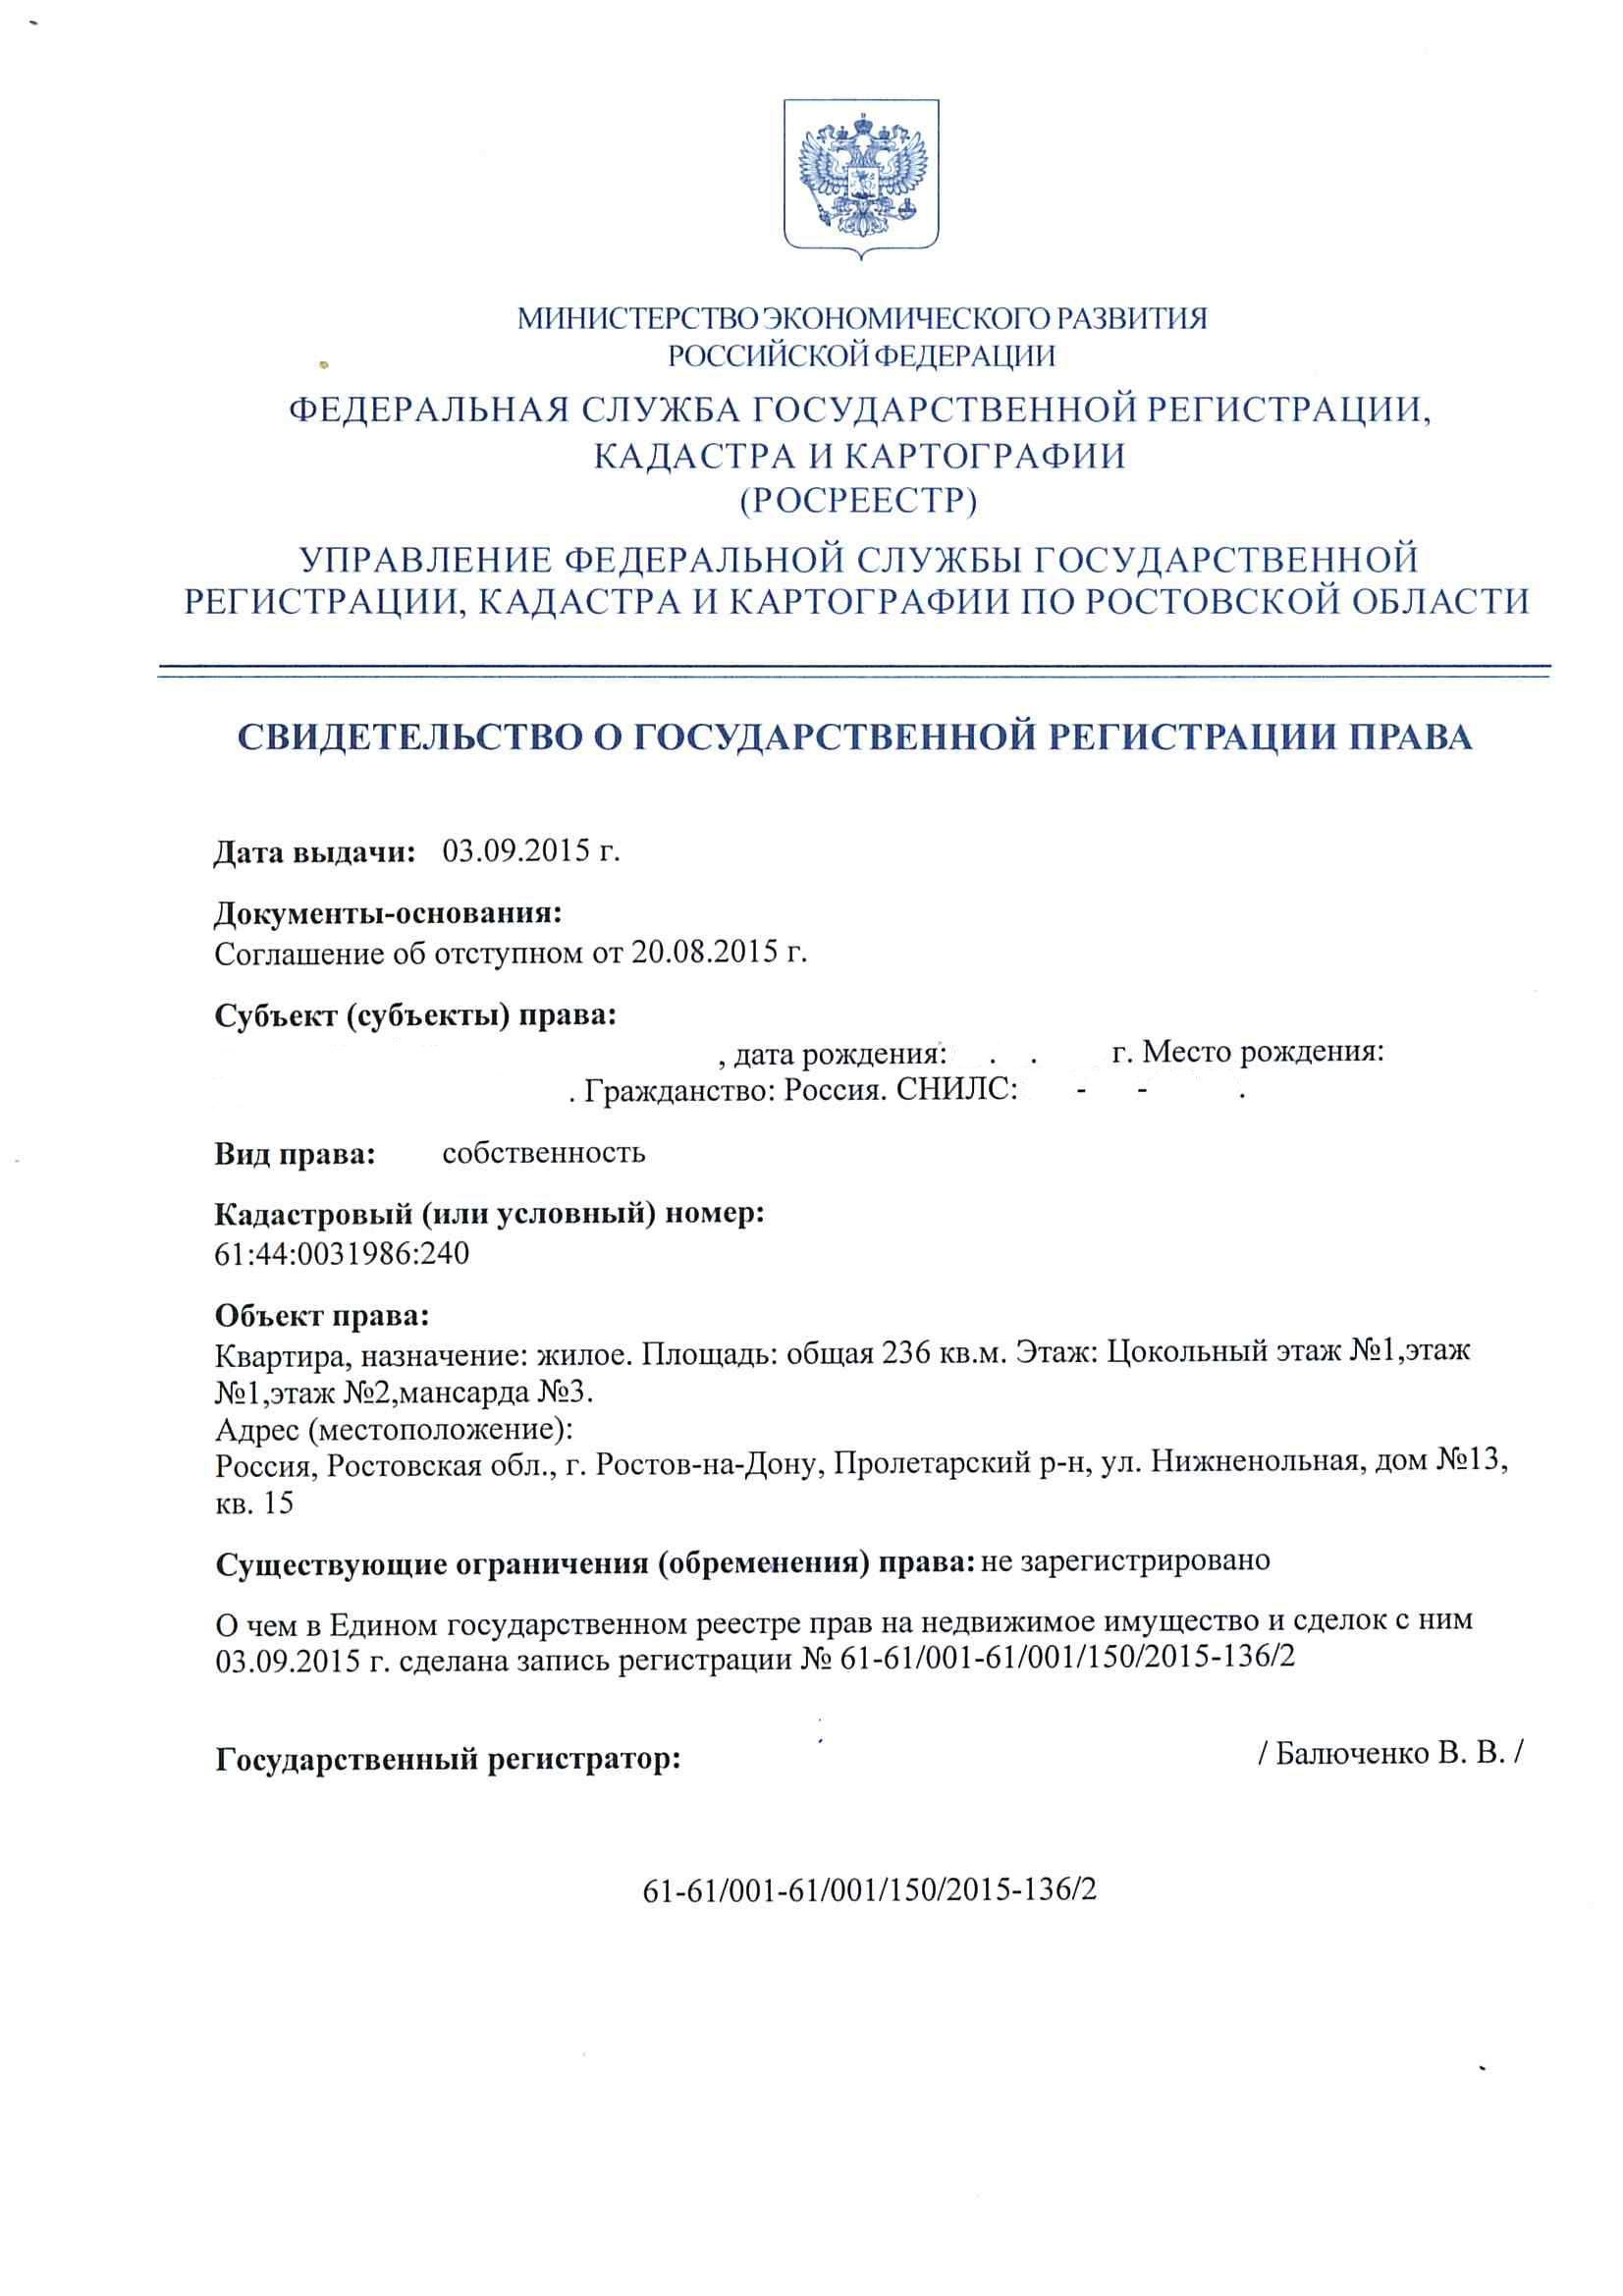 Свидетельство о гос регистрации квартира 15